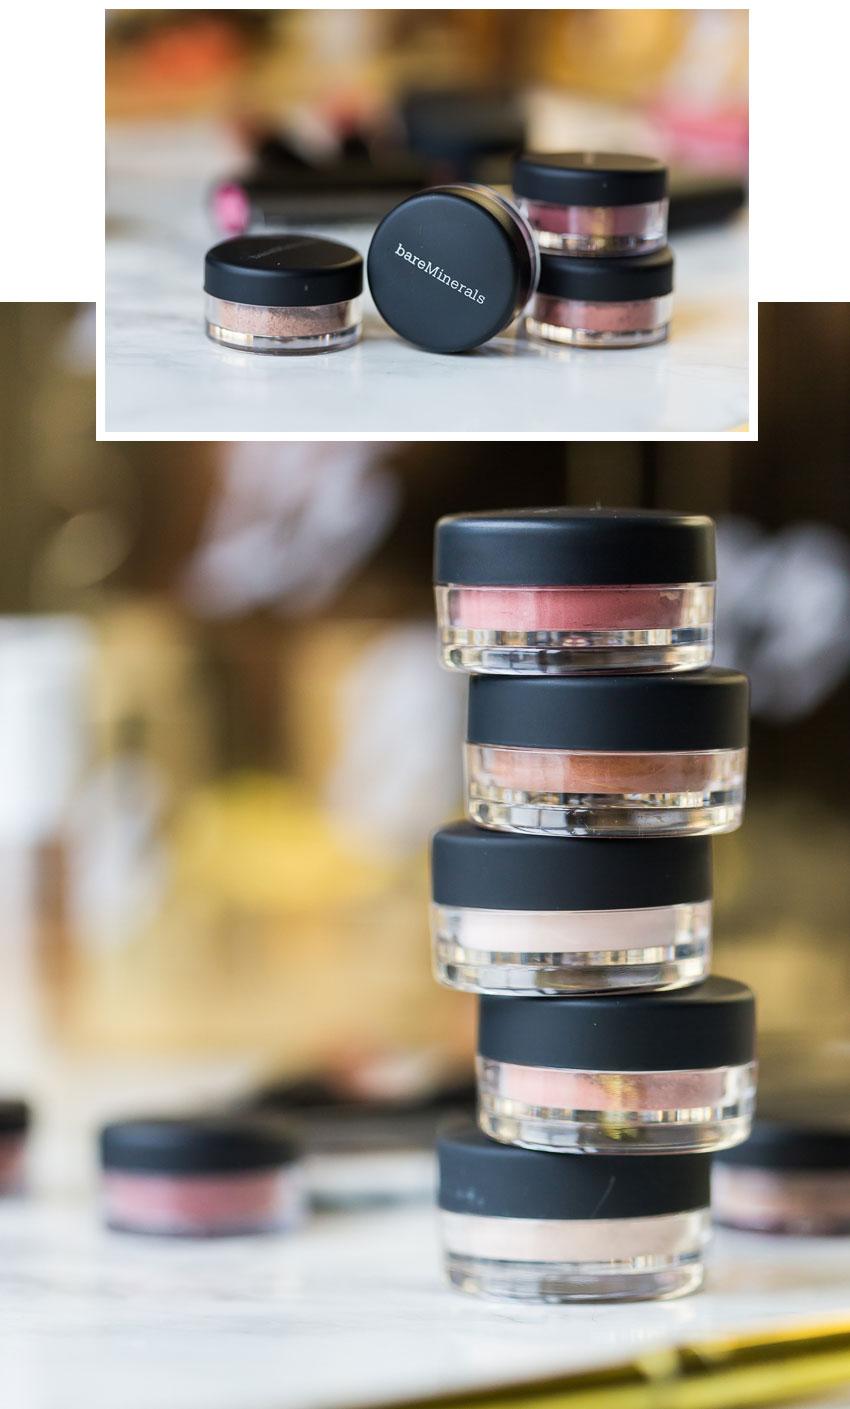 bareminerals adventskalender box of wonders inhalt produkte review rosegold marble. Black Bedroom Furniture Sets. Home Design Ideas